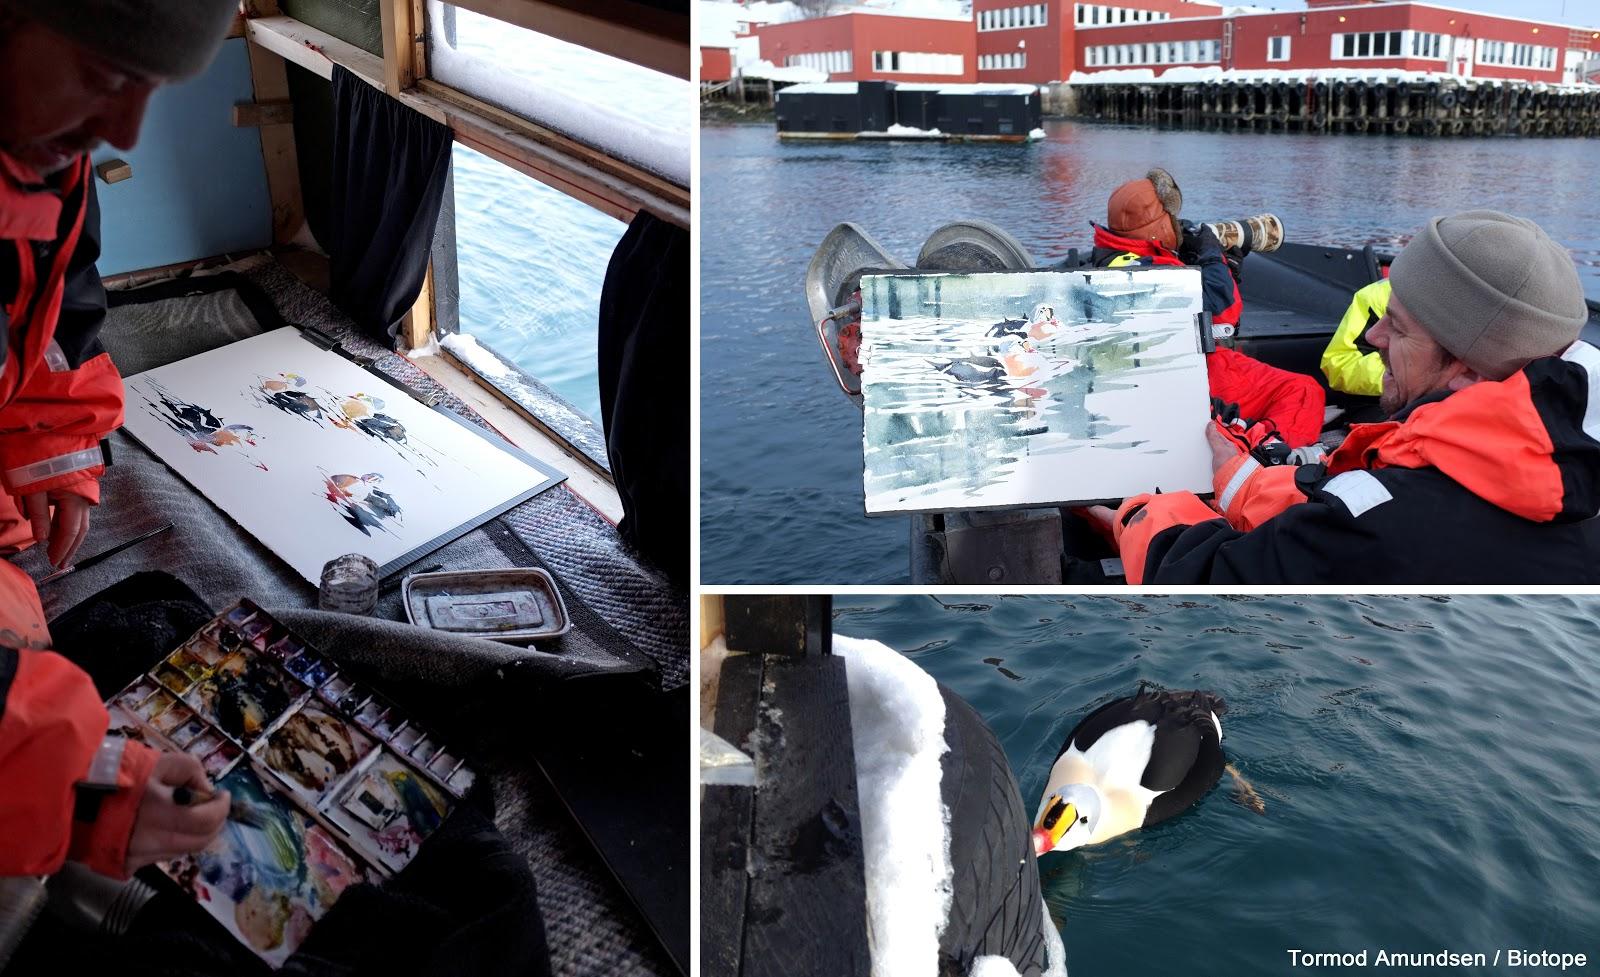 Gullfest2013 king eider hide båtsfjord Amundsen Biotope.jpg